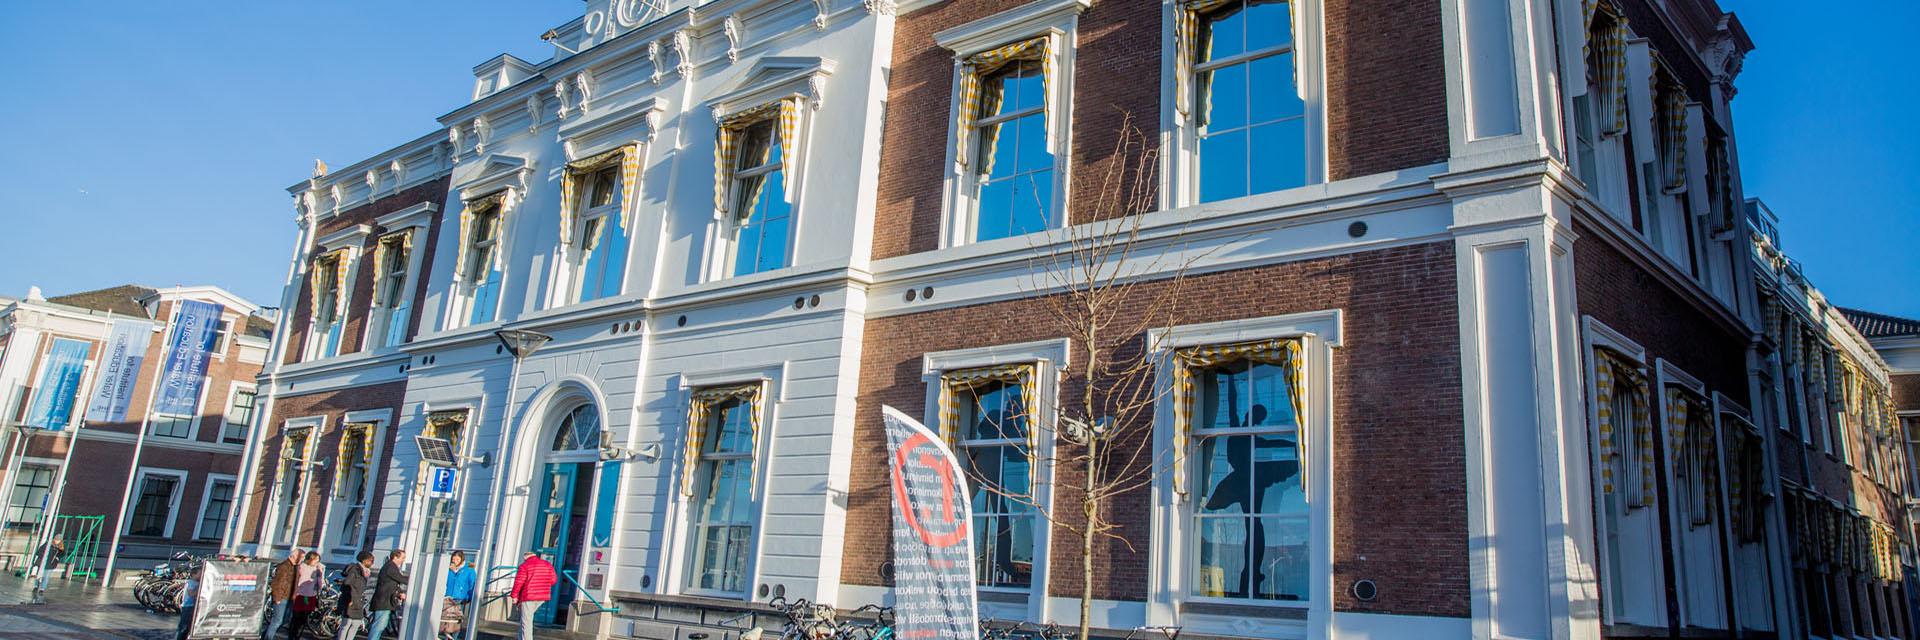 Free Academy of Arts building (VAK Centrum voor de Kunsten)